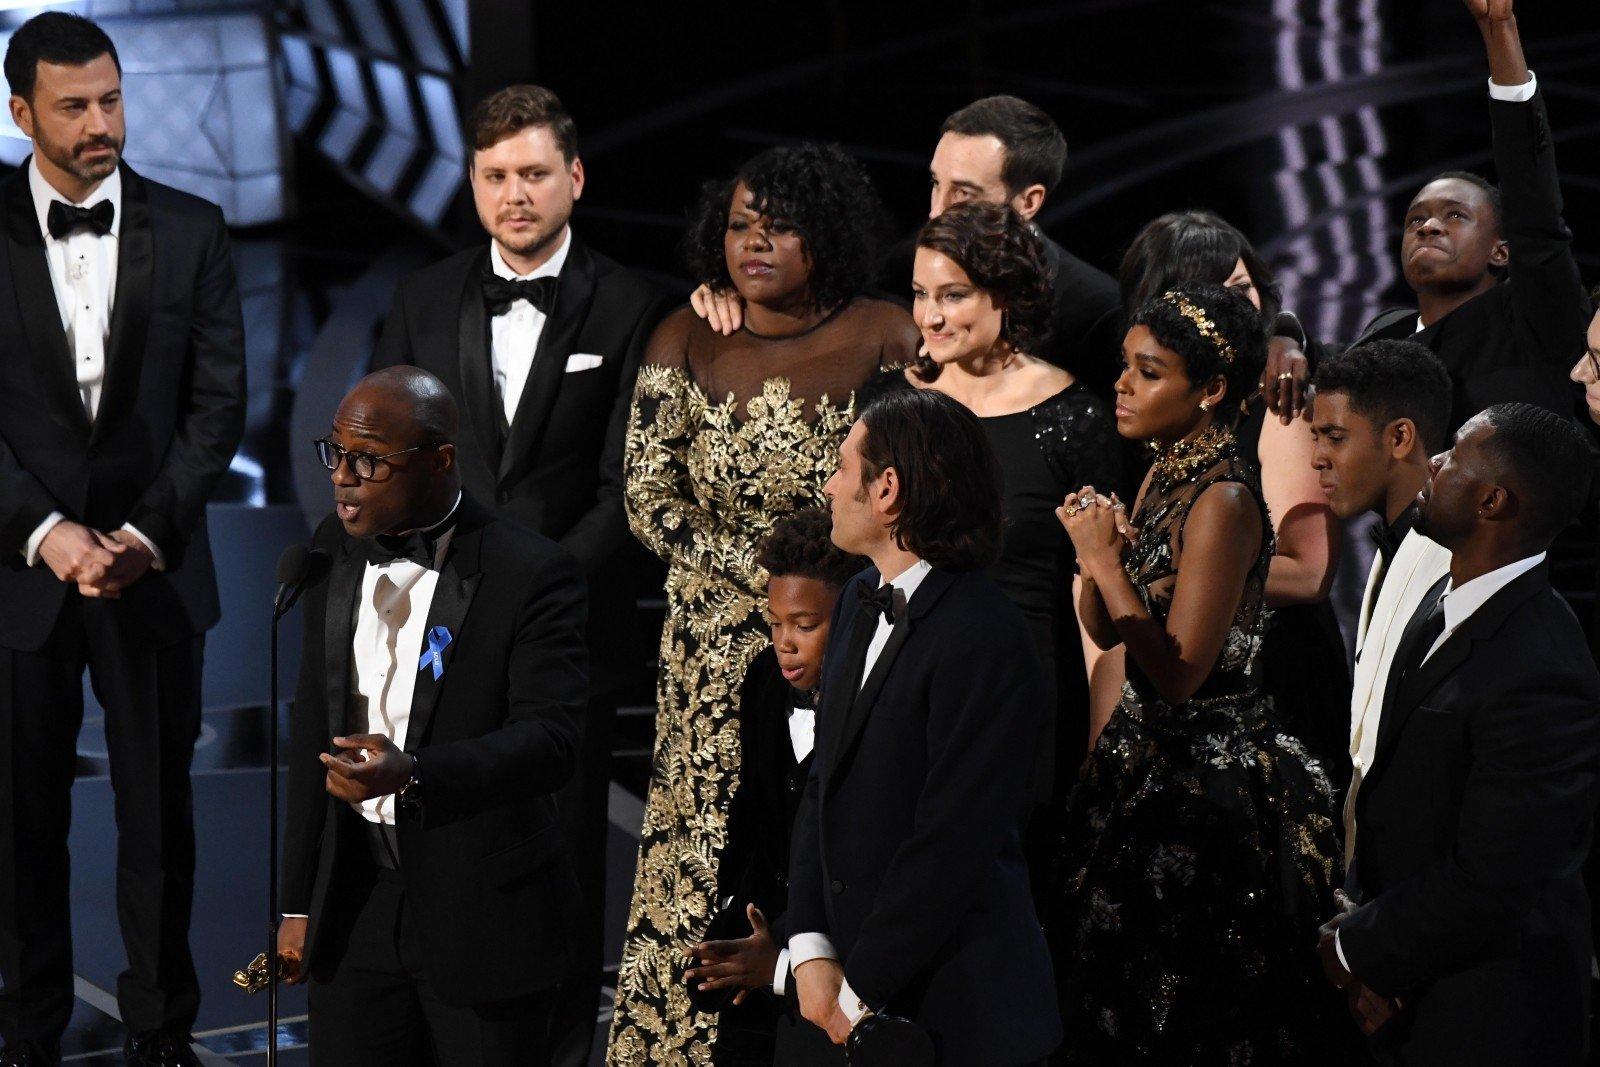 Претендующие на«Оскар» заграничные режиссёры выступили против дискриминации